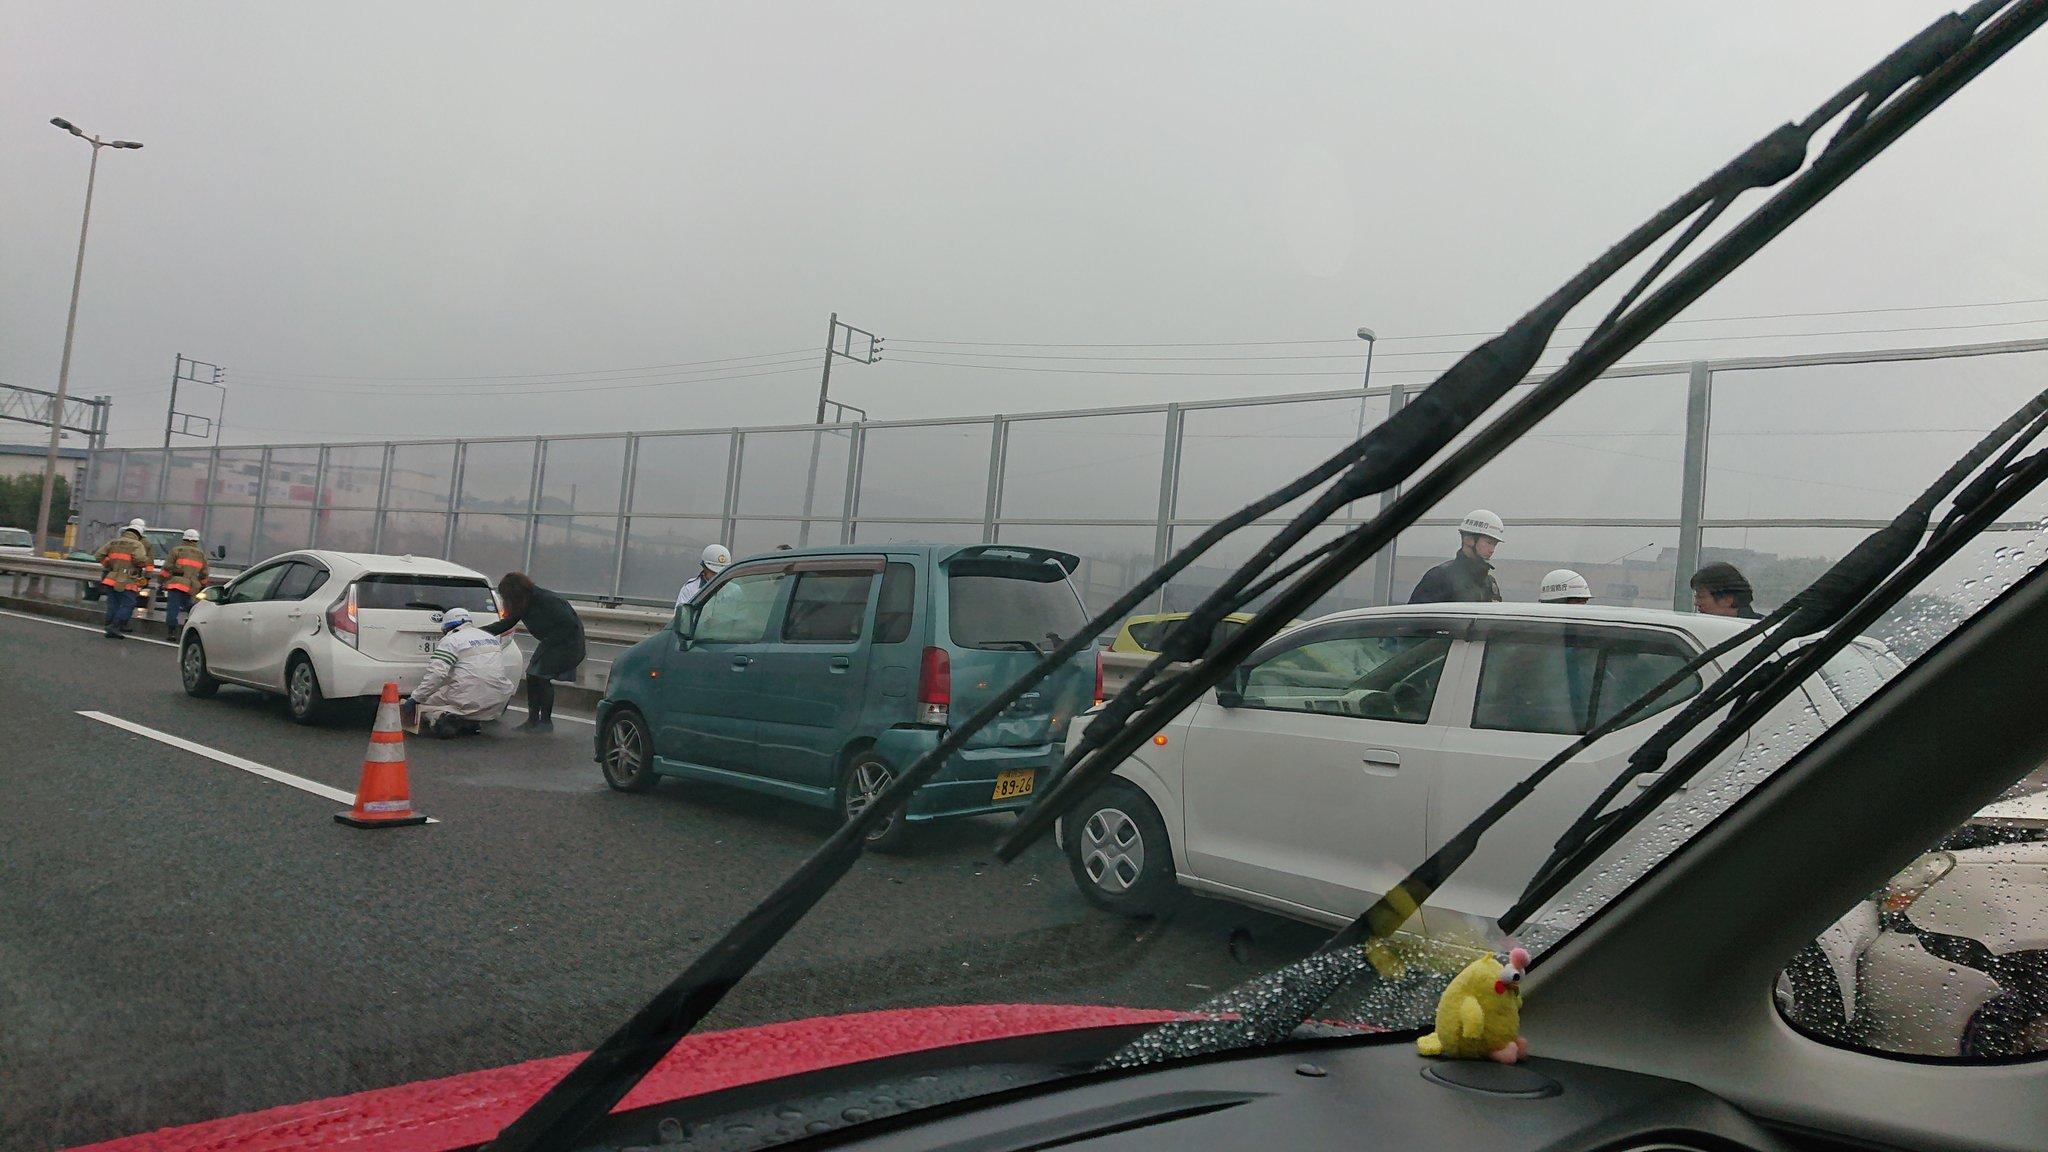 国道16号の保土ヶ谷バイパスの玉突き事故現場の画像